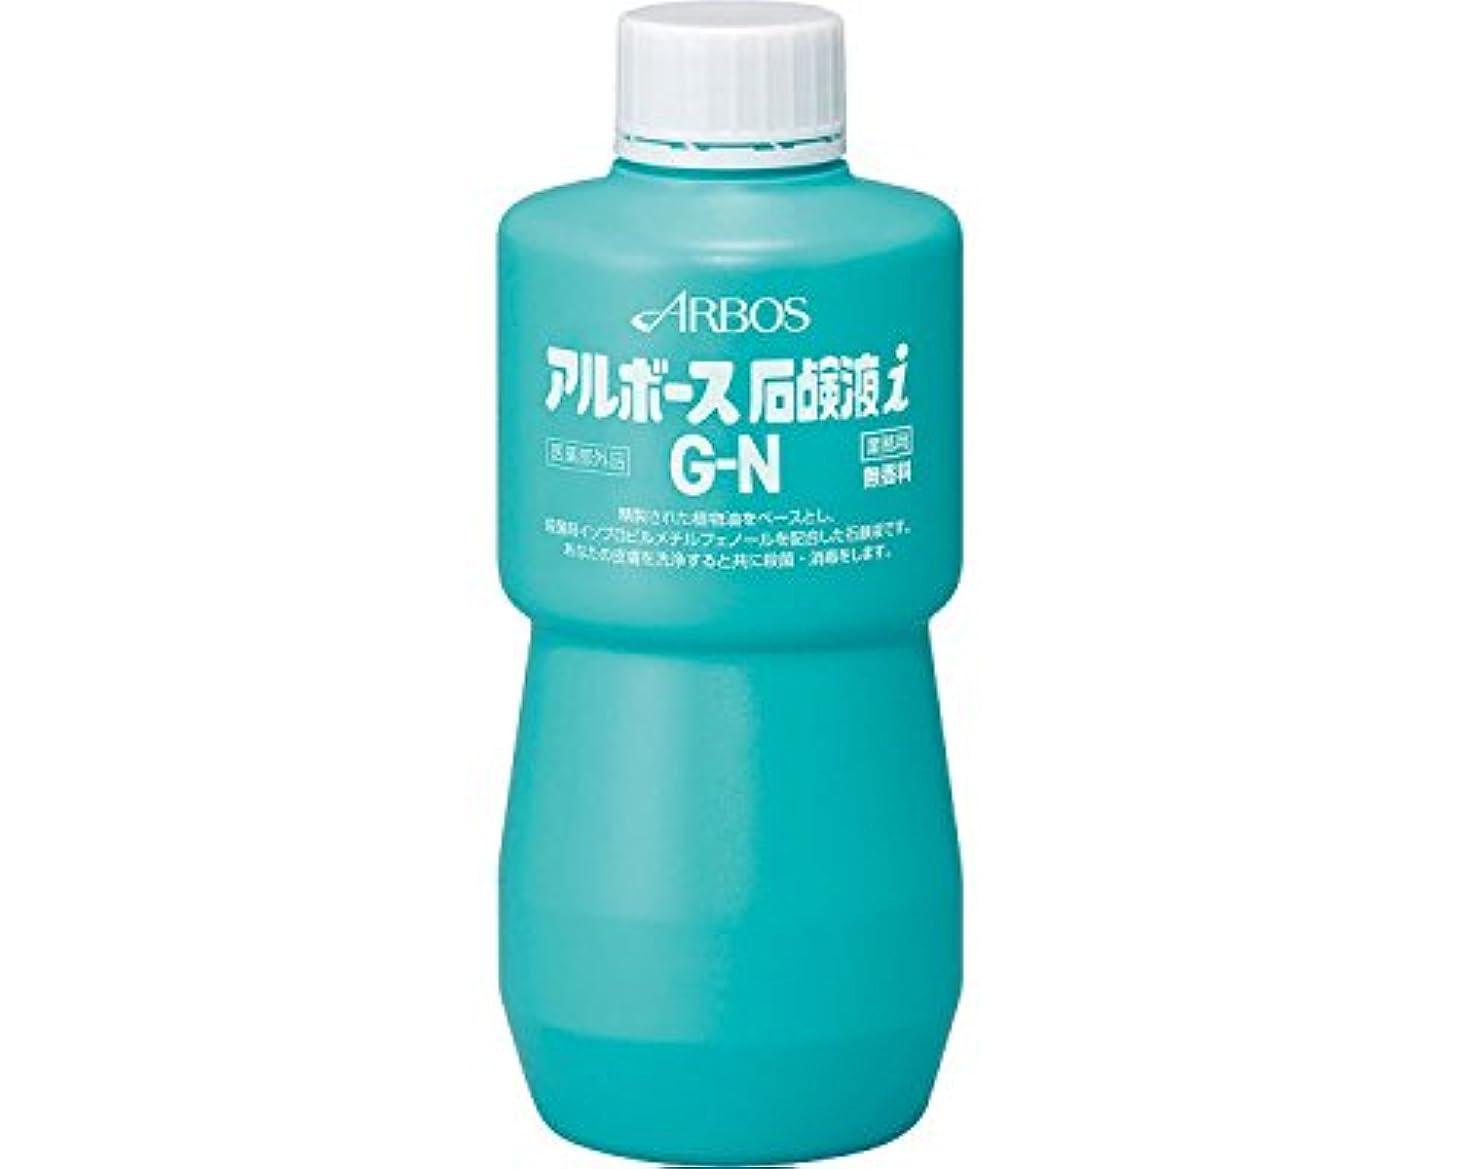 涙批評見物人アルボース石鹸液i GN 500g 1ケース(30本入) (アルボース)